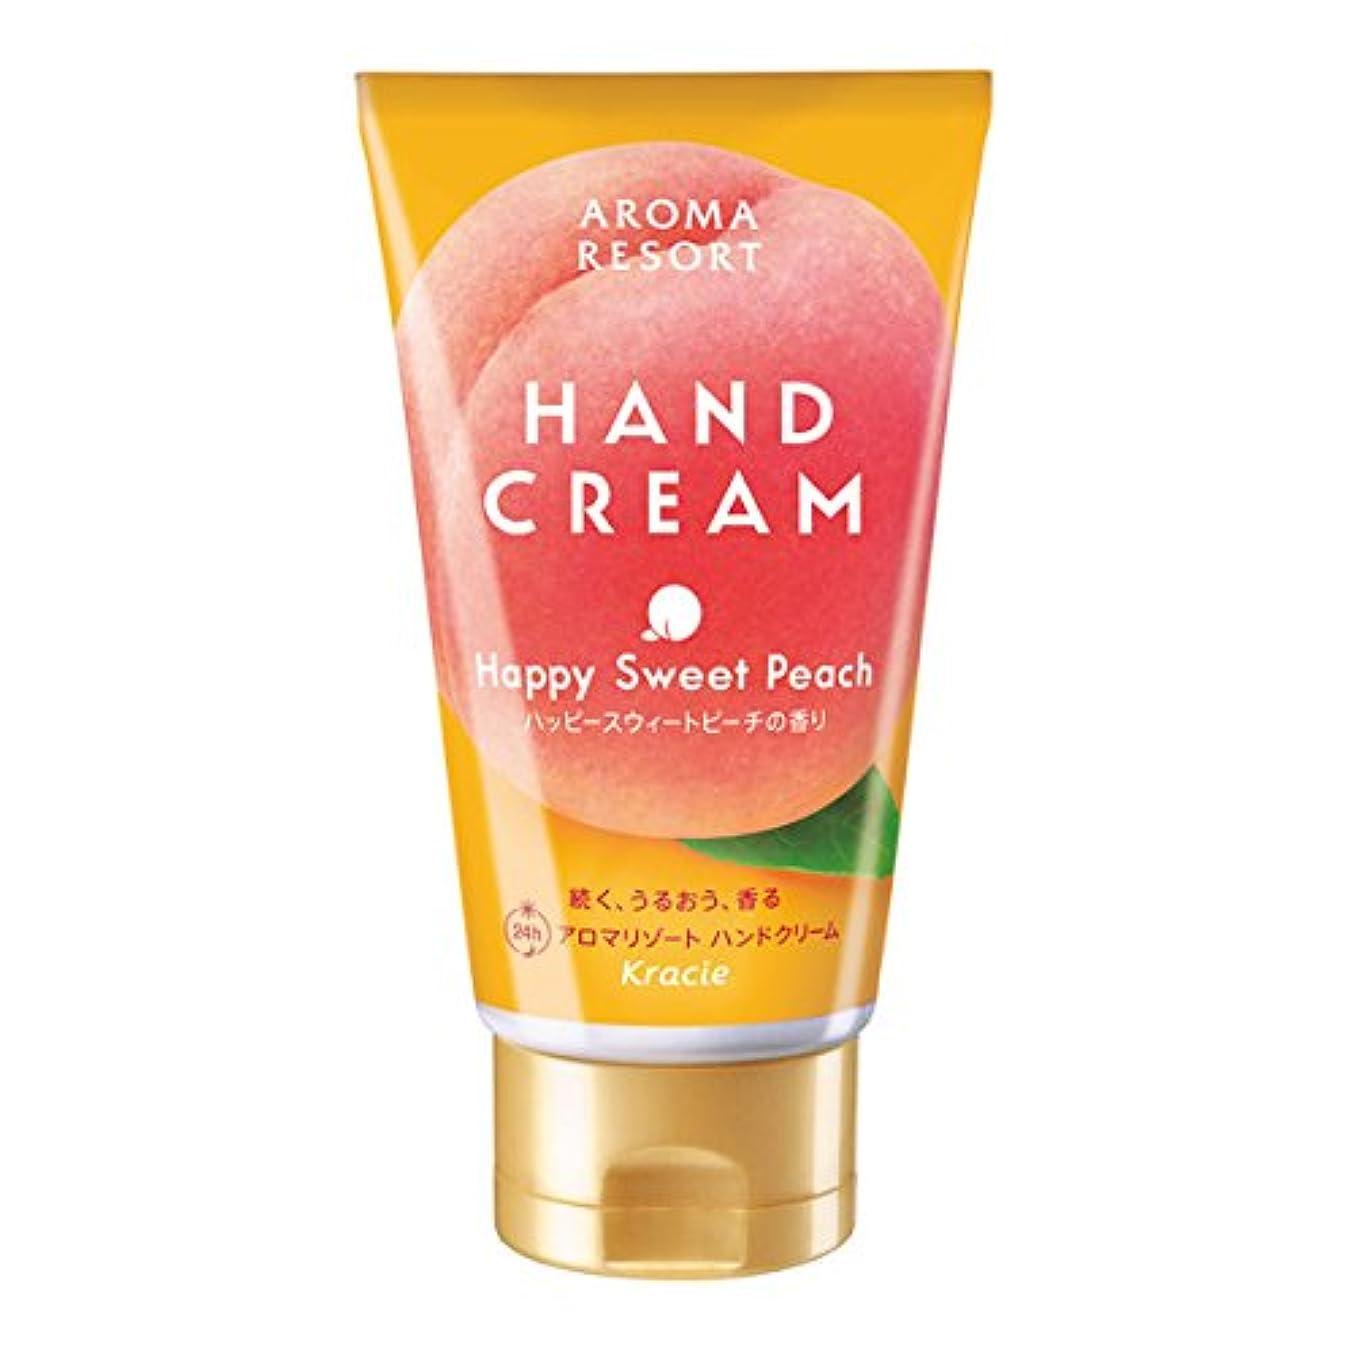 告白するそうでなければクックアロマリゾート ハンドクリーム ハッピースウィートピーチの香り 70g